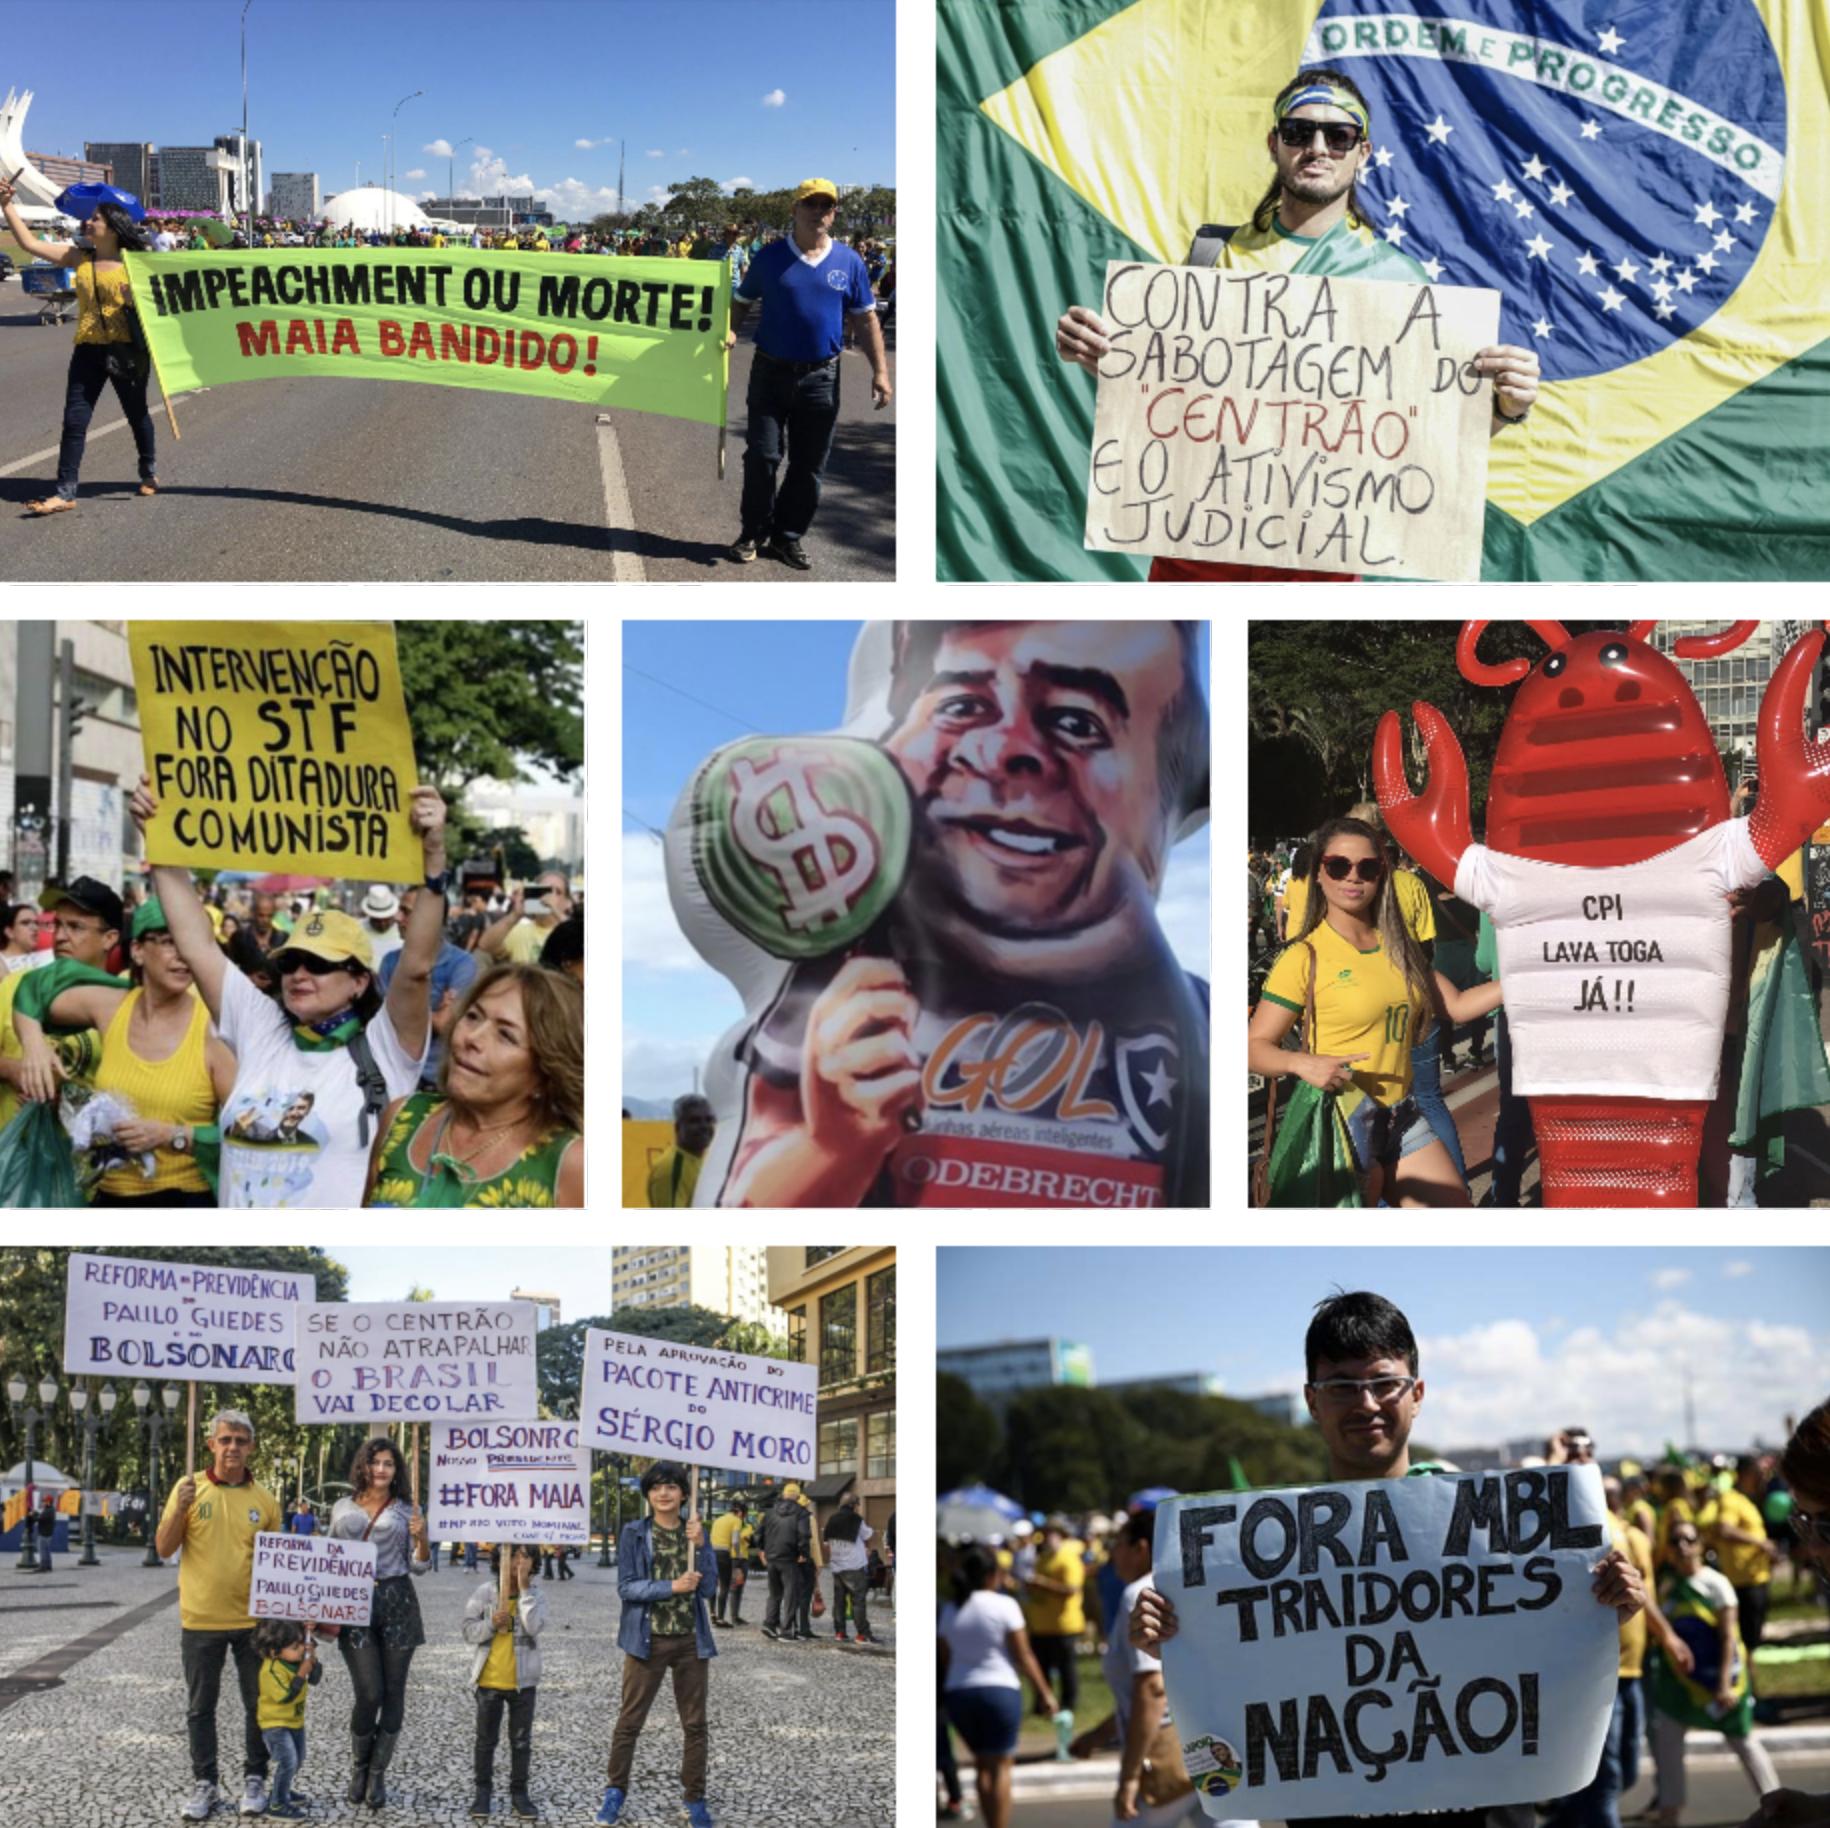 Com a mão do gato, Bolsonaro promoveu a ideia de atropelar o Congresso e fechar o STF